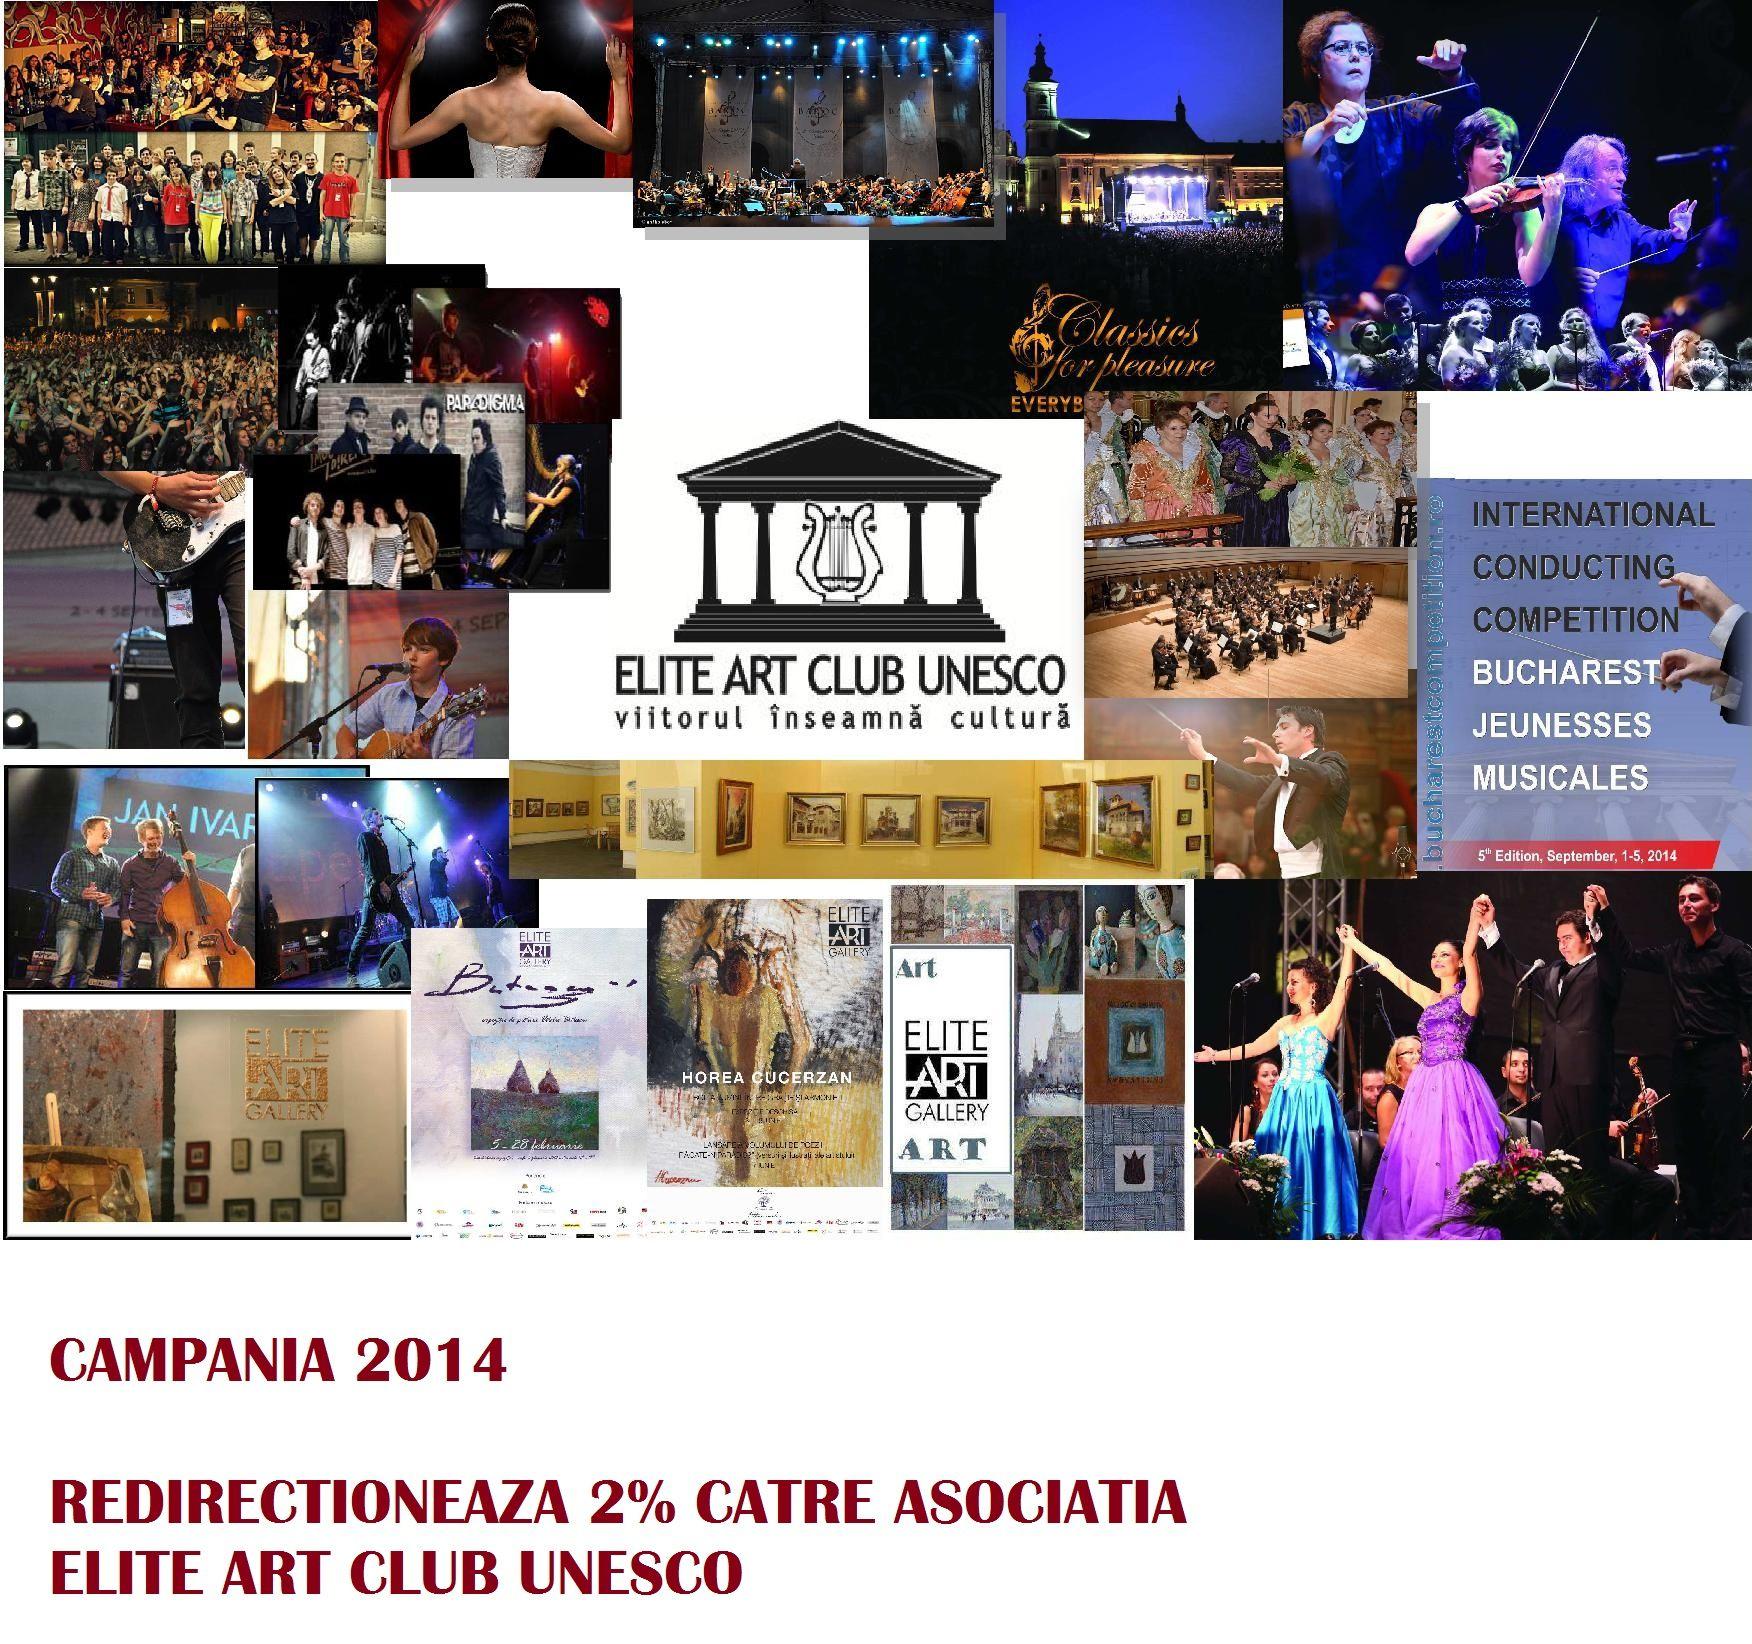 Cultura creează educaţie! Viitorul înseamnă cultură!  Direcţionează acum 2% către ELITE ART Club UNESCO şi susţine excelenţa în cultură şi educaţia tinerilor muzicieni români! Susţine, alături de noi, dezvoltarea societăţii româneşti!  Toate informatiile necesare aici: http://www.eliteart.org/campanie-2-la-suta.html #cultura#tineri#proiectepentrutineret #youth #art